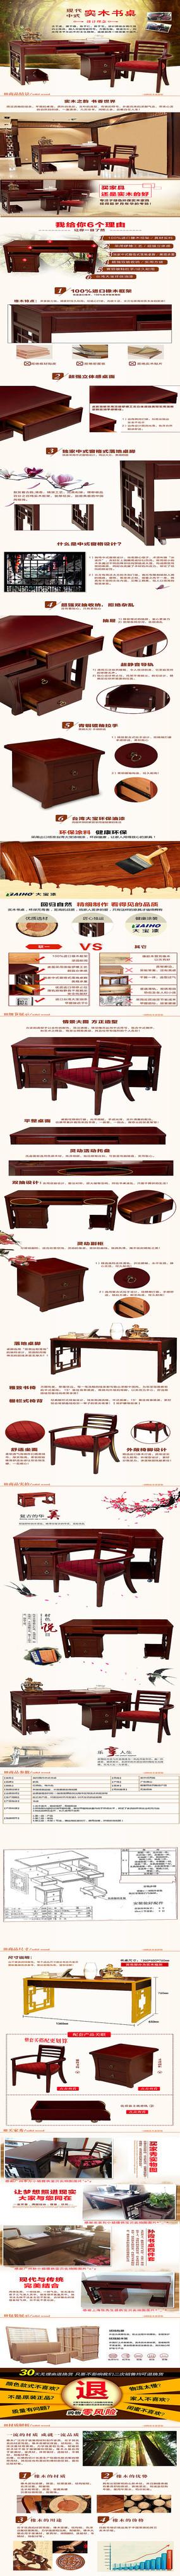 淘宝天猫实木家具详情页描述图模板